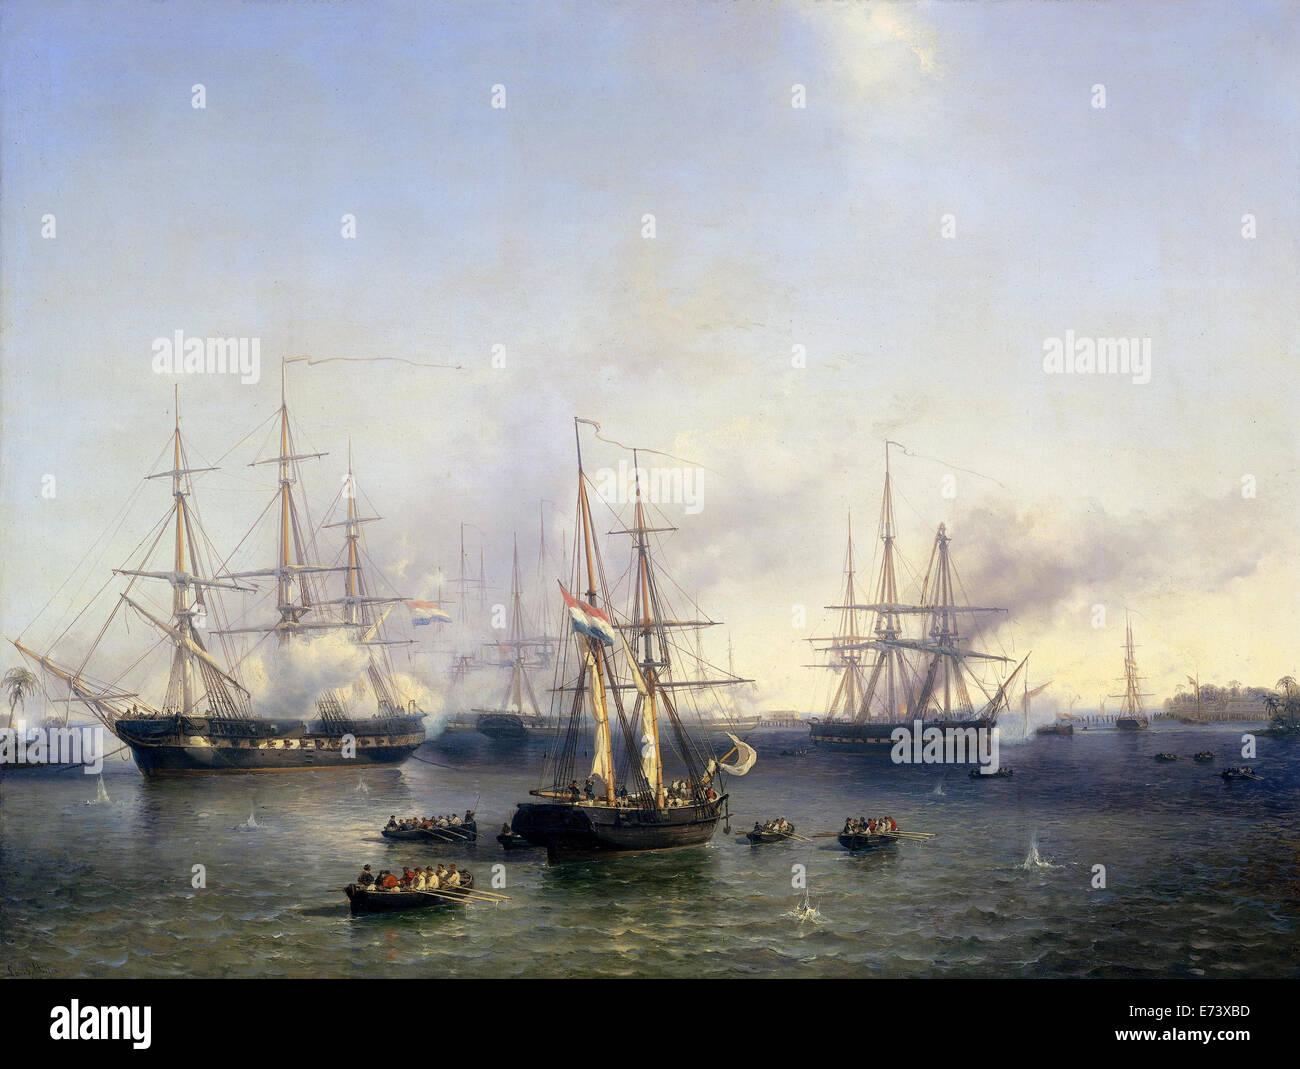 La conquête de Palembang (Sumatra) par le Lieutenant-général baron de Kock, 24 juin 1821 - par Louis Meijer, 1857 Banque D'Images